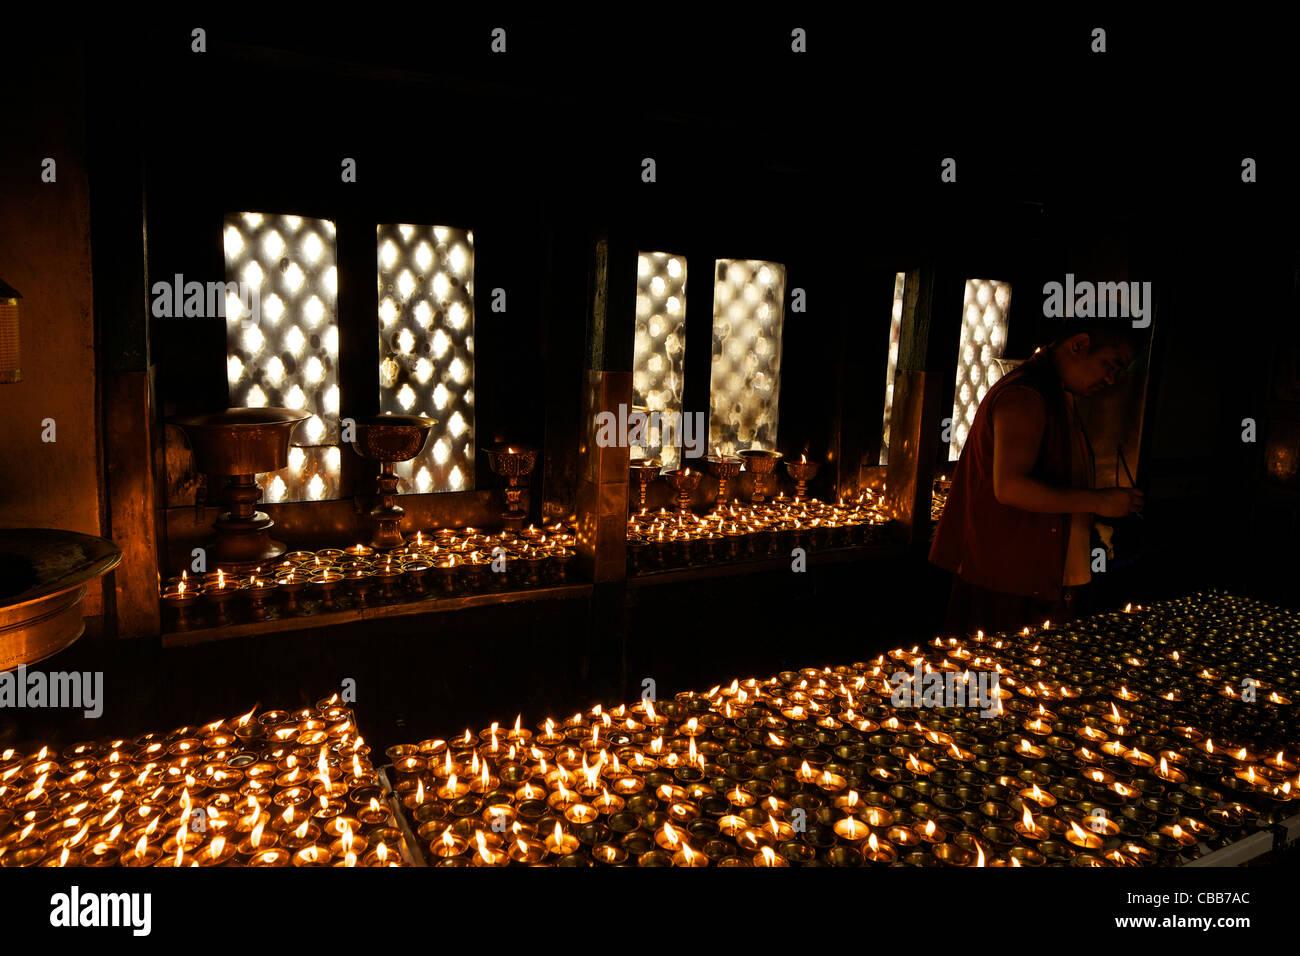 L'éclairage des lampes à l'huile moine bouddhiste Swayambhunath Stupa Monkey Temple Site du patrimoine Photo Stock